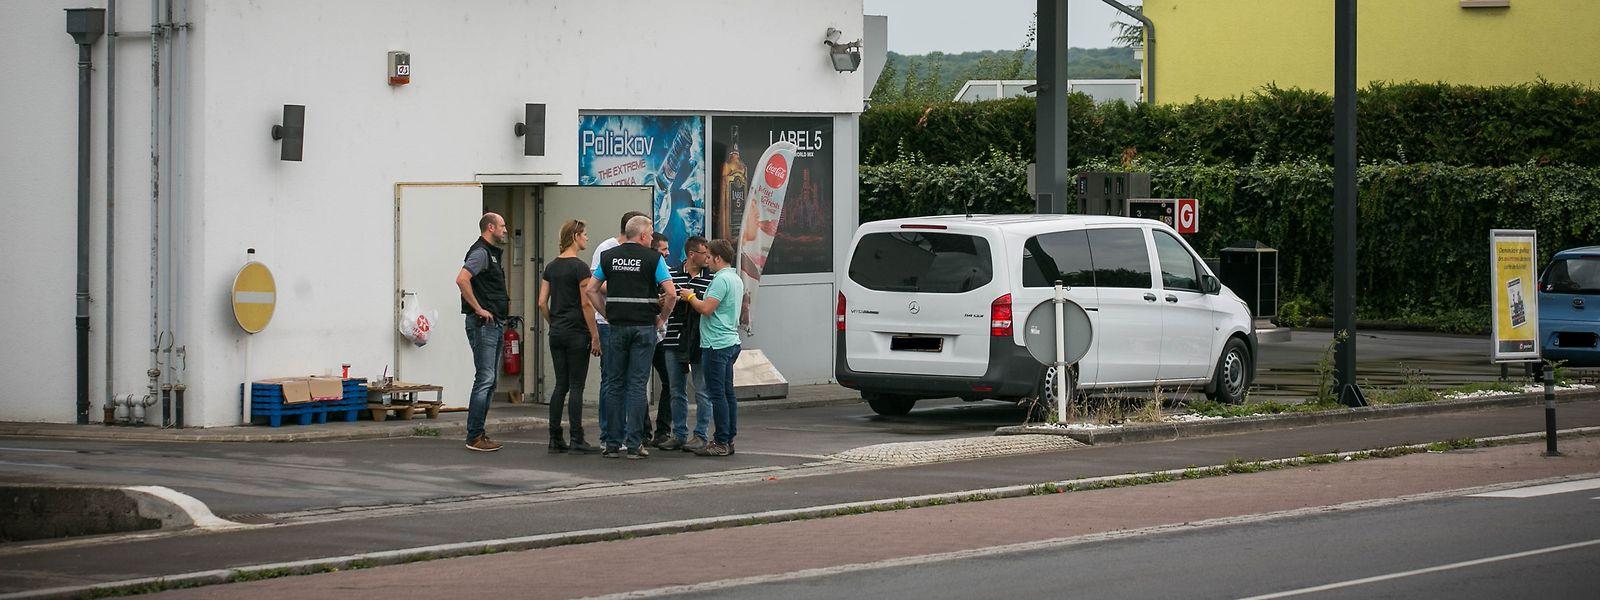 Am Morgen des 15. August 2017 sucht die Kriminalpolizei am Tatort nach Spuren.